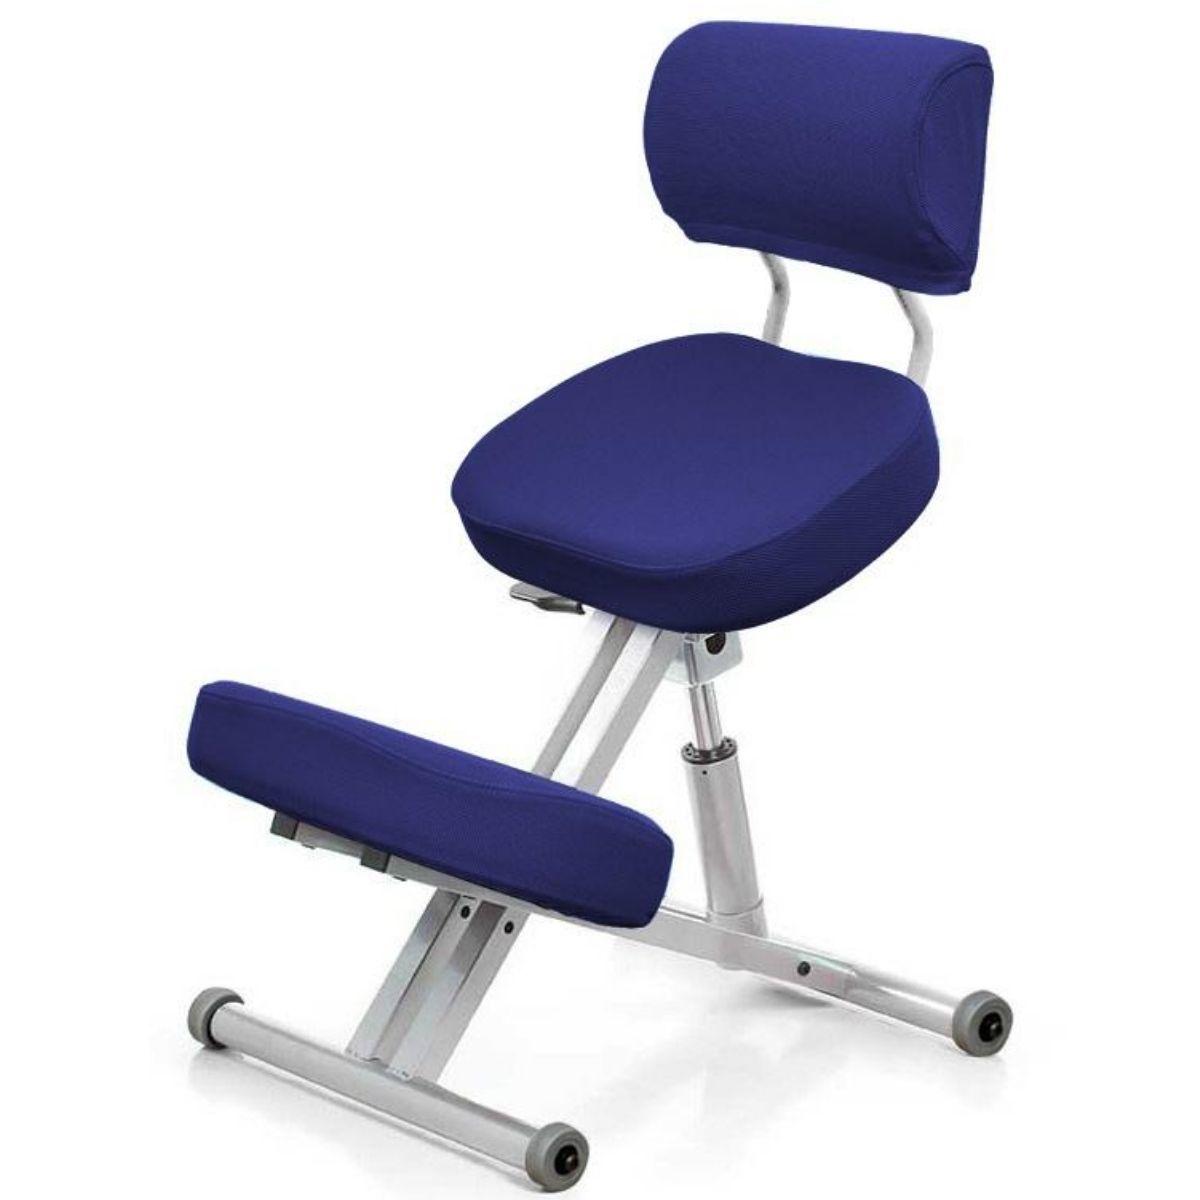 Стул коленный Smartstool KM01B (спинка + газлифт) индиго